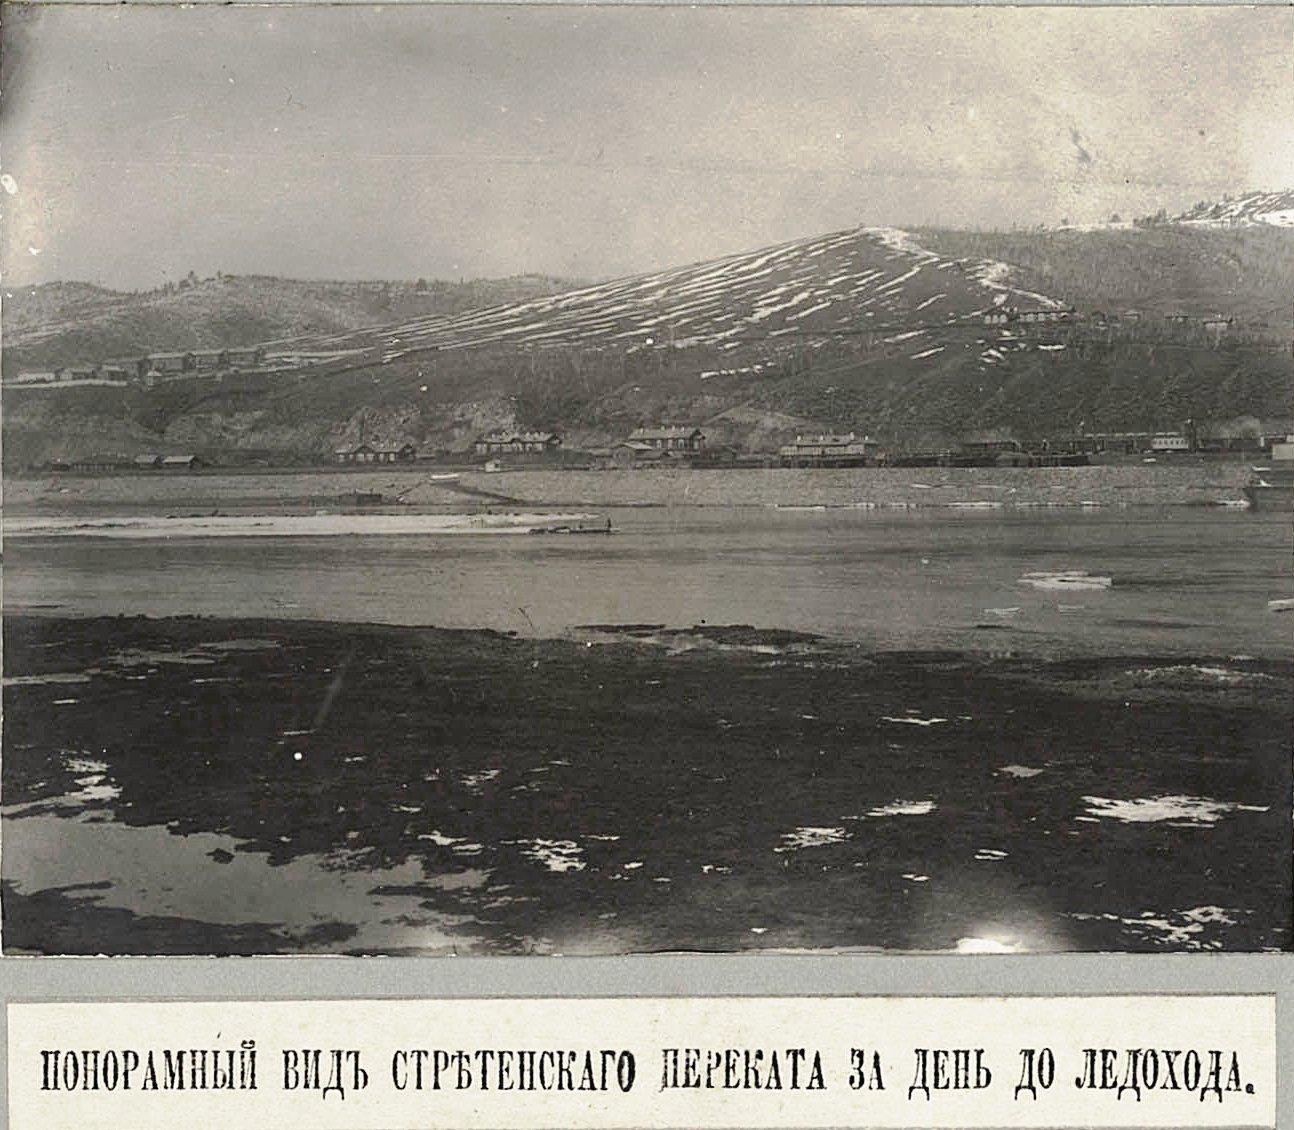 19. Панорамный вид Сретенского переката за день до ледохода (2)